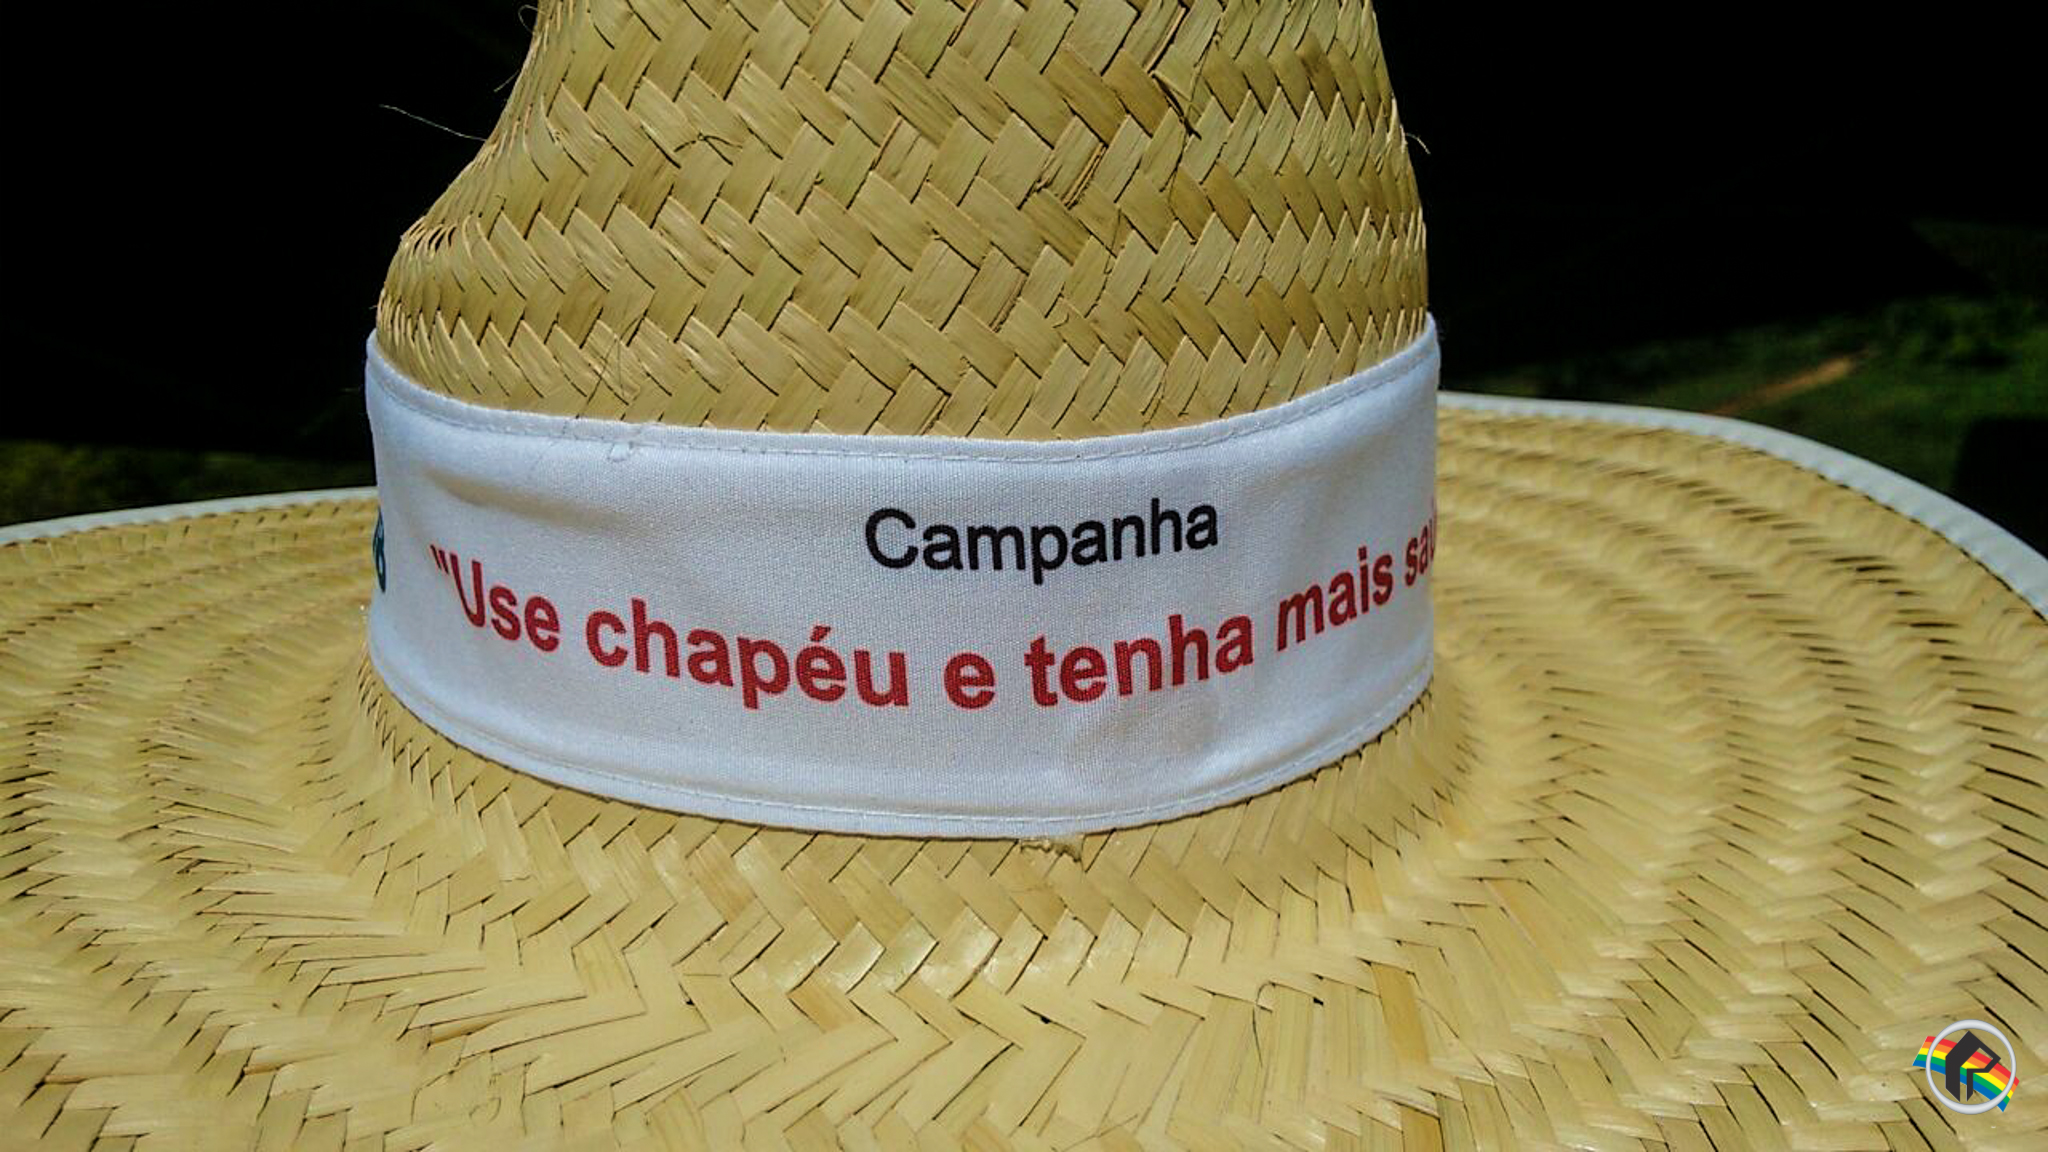 Lançada mais uma edição da Campanha Use Chapéu e Tenha Mais Saúde